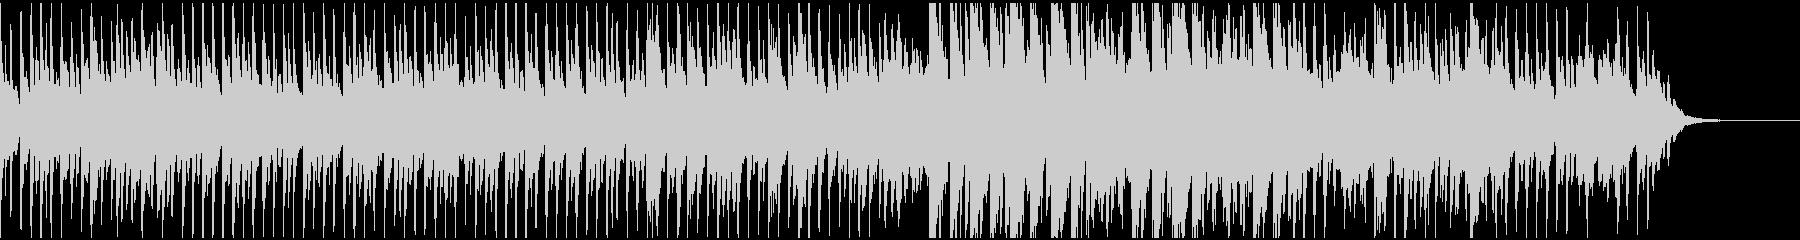 感動的なピアノ、ストリングス(テクノ)の未再生の波形